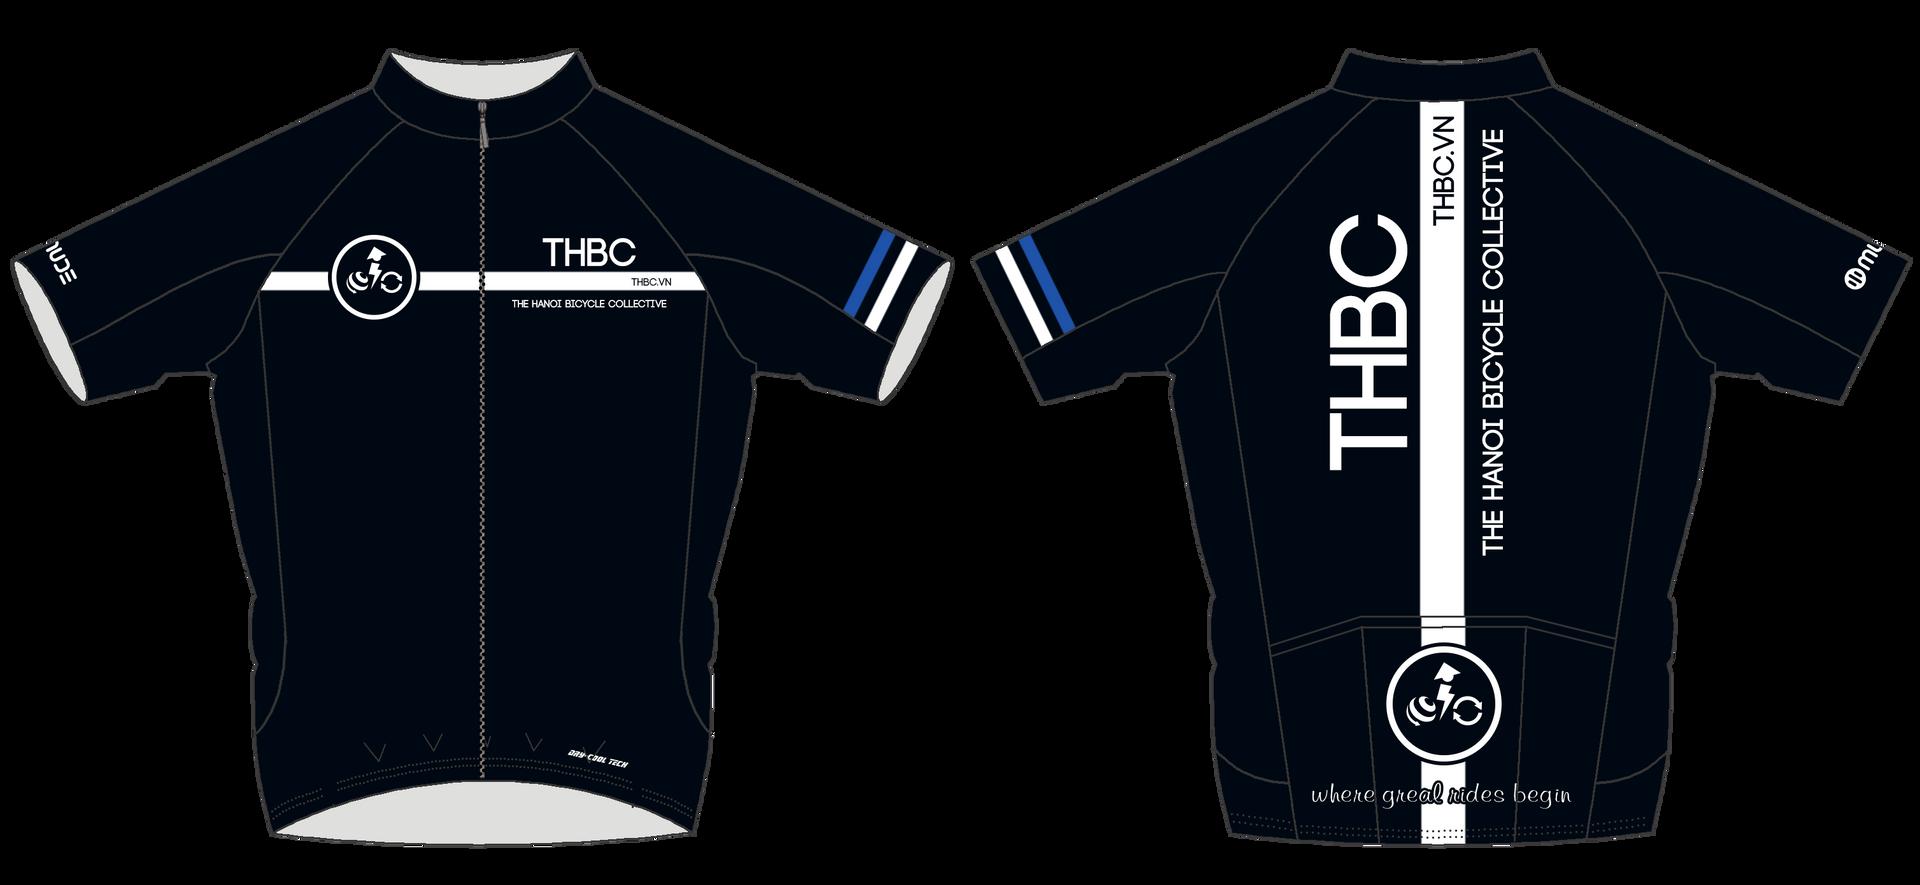 THBC Jersey